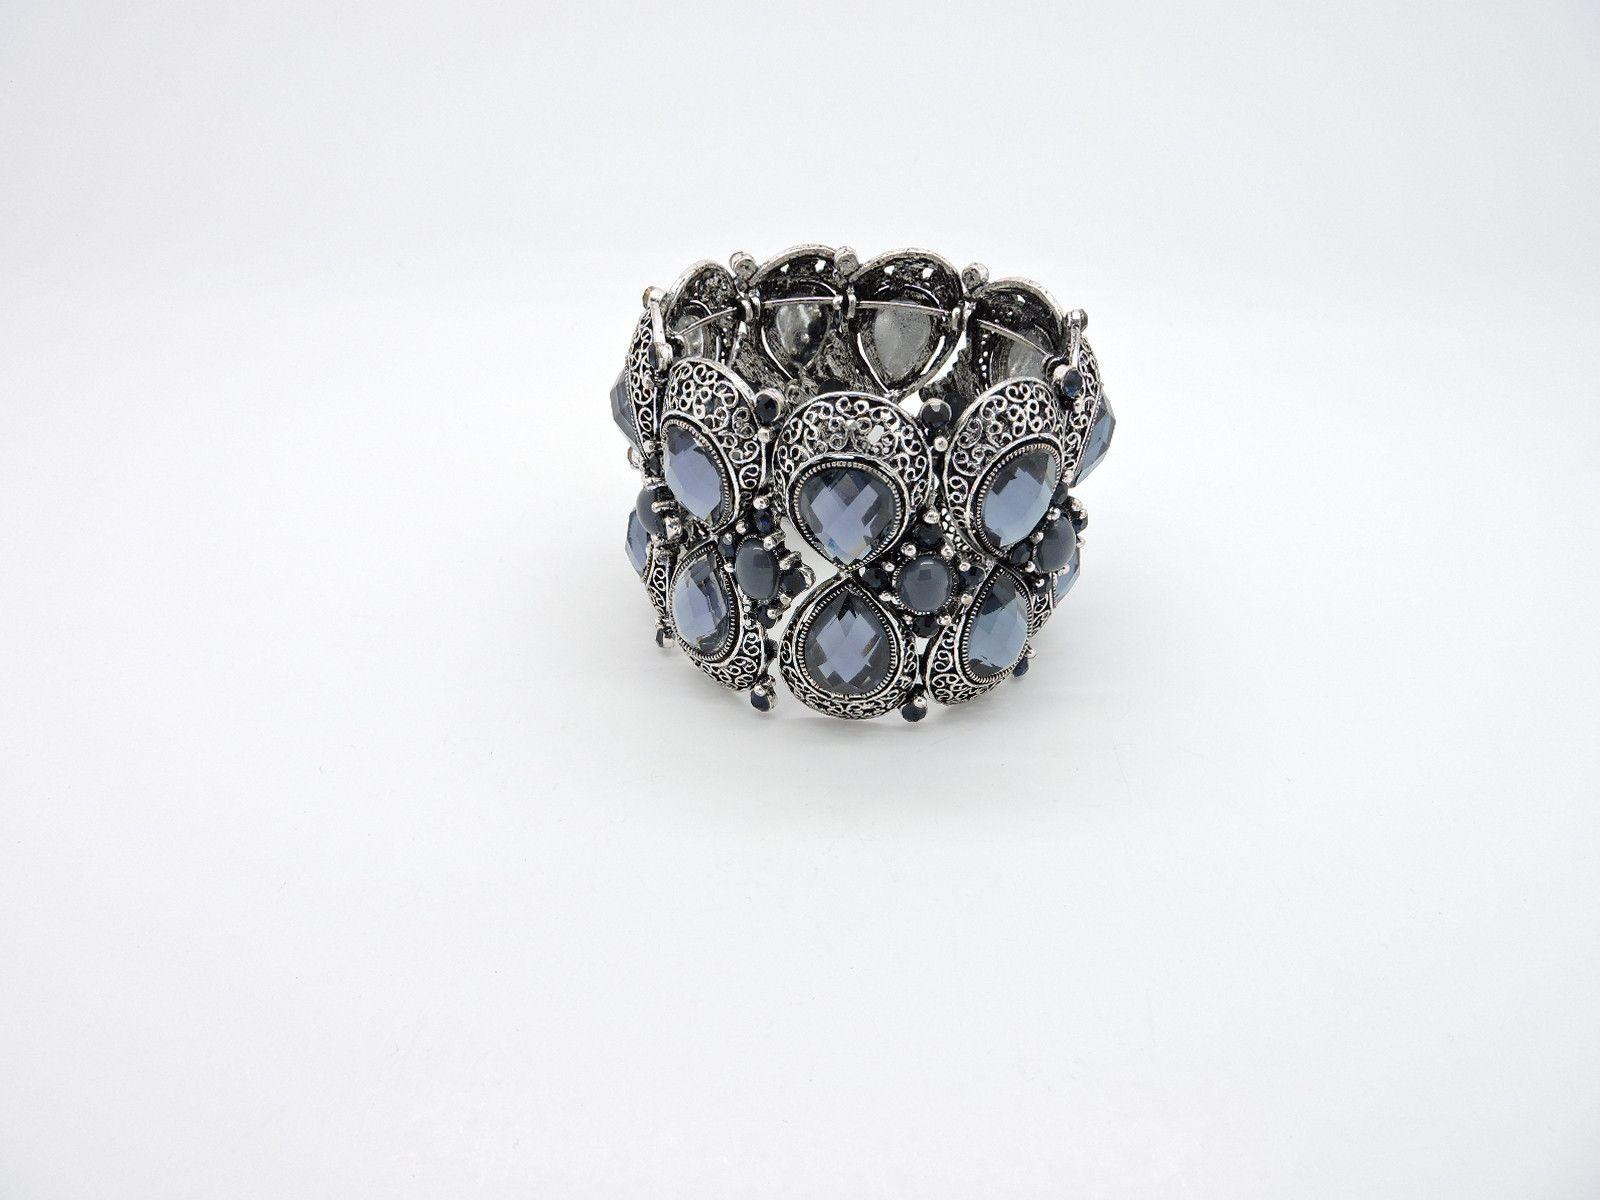 Raining Gems Bracelet from Helen's Jewels. #jewelry #bracelet #bracelets #jewelryonpinterest #etsy #etsyjewelry #helensjewels #fashion #style #accessories #wristcandy #gembracelet #metal #metalbracelet #cagebracelet